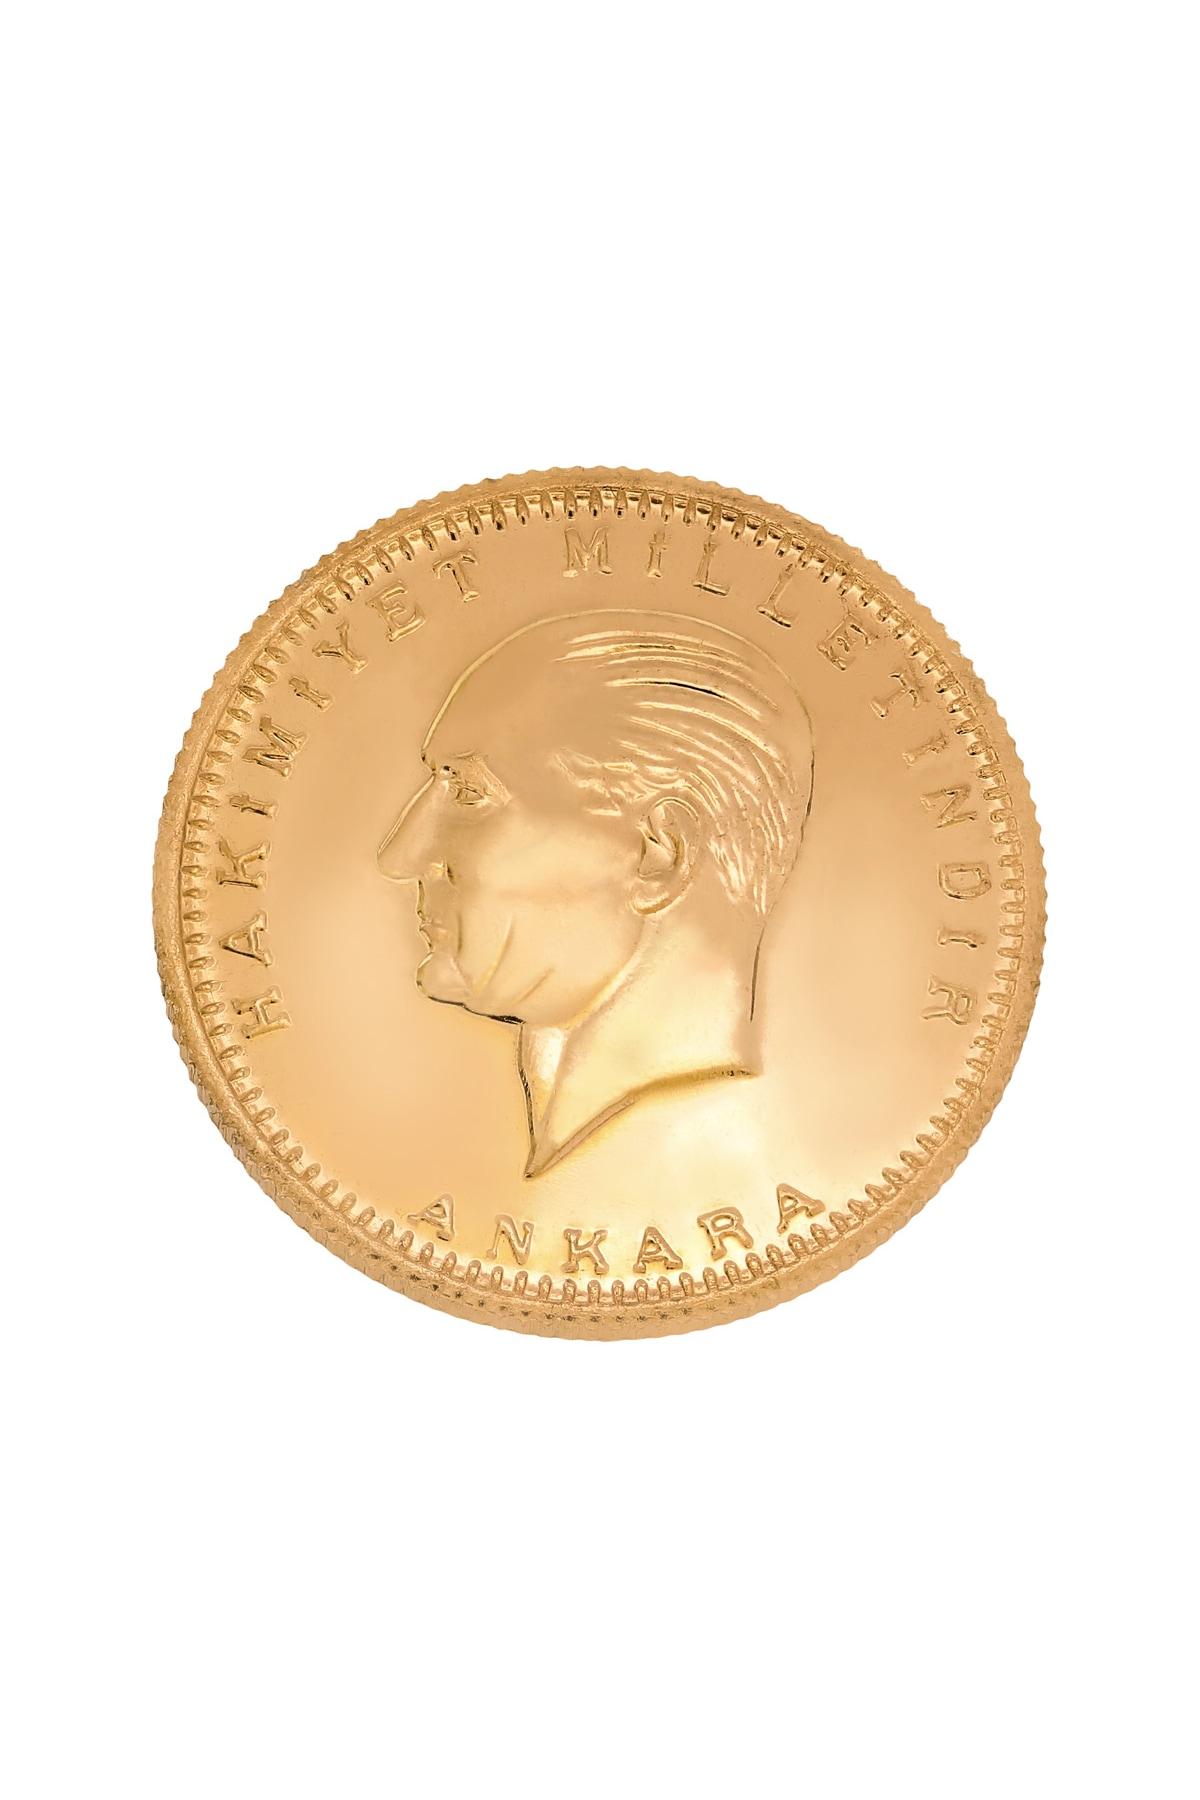 Cumhuriyet Altını Saklama ve Yatırım